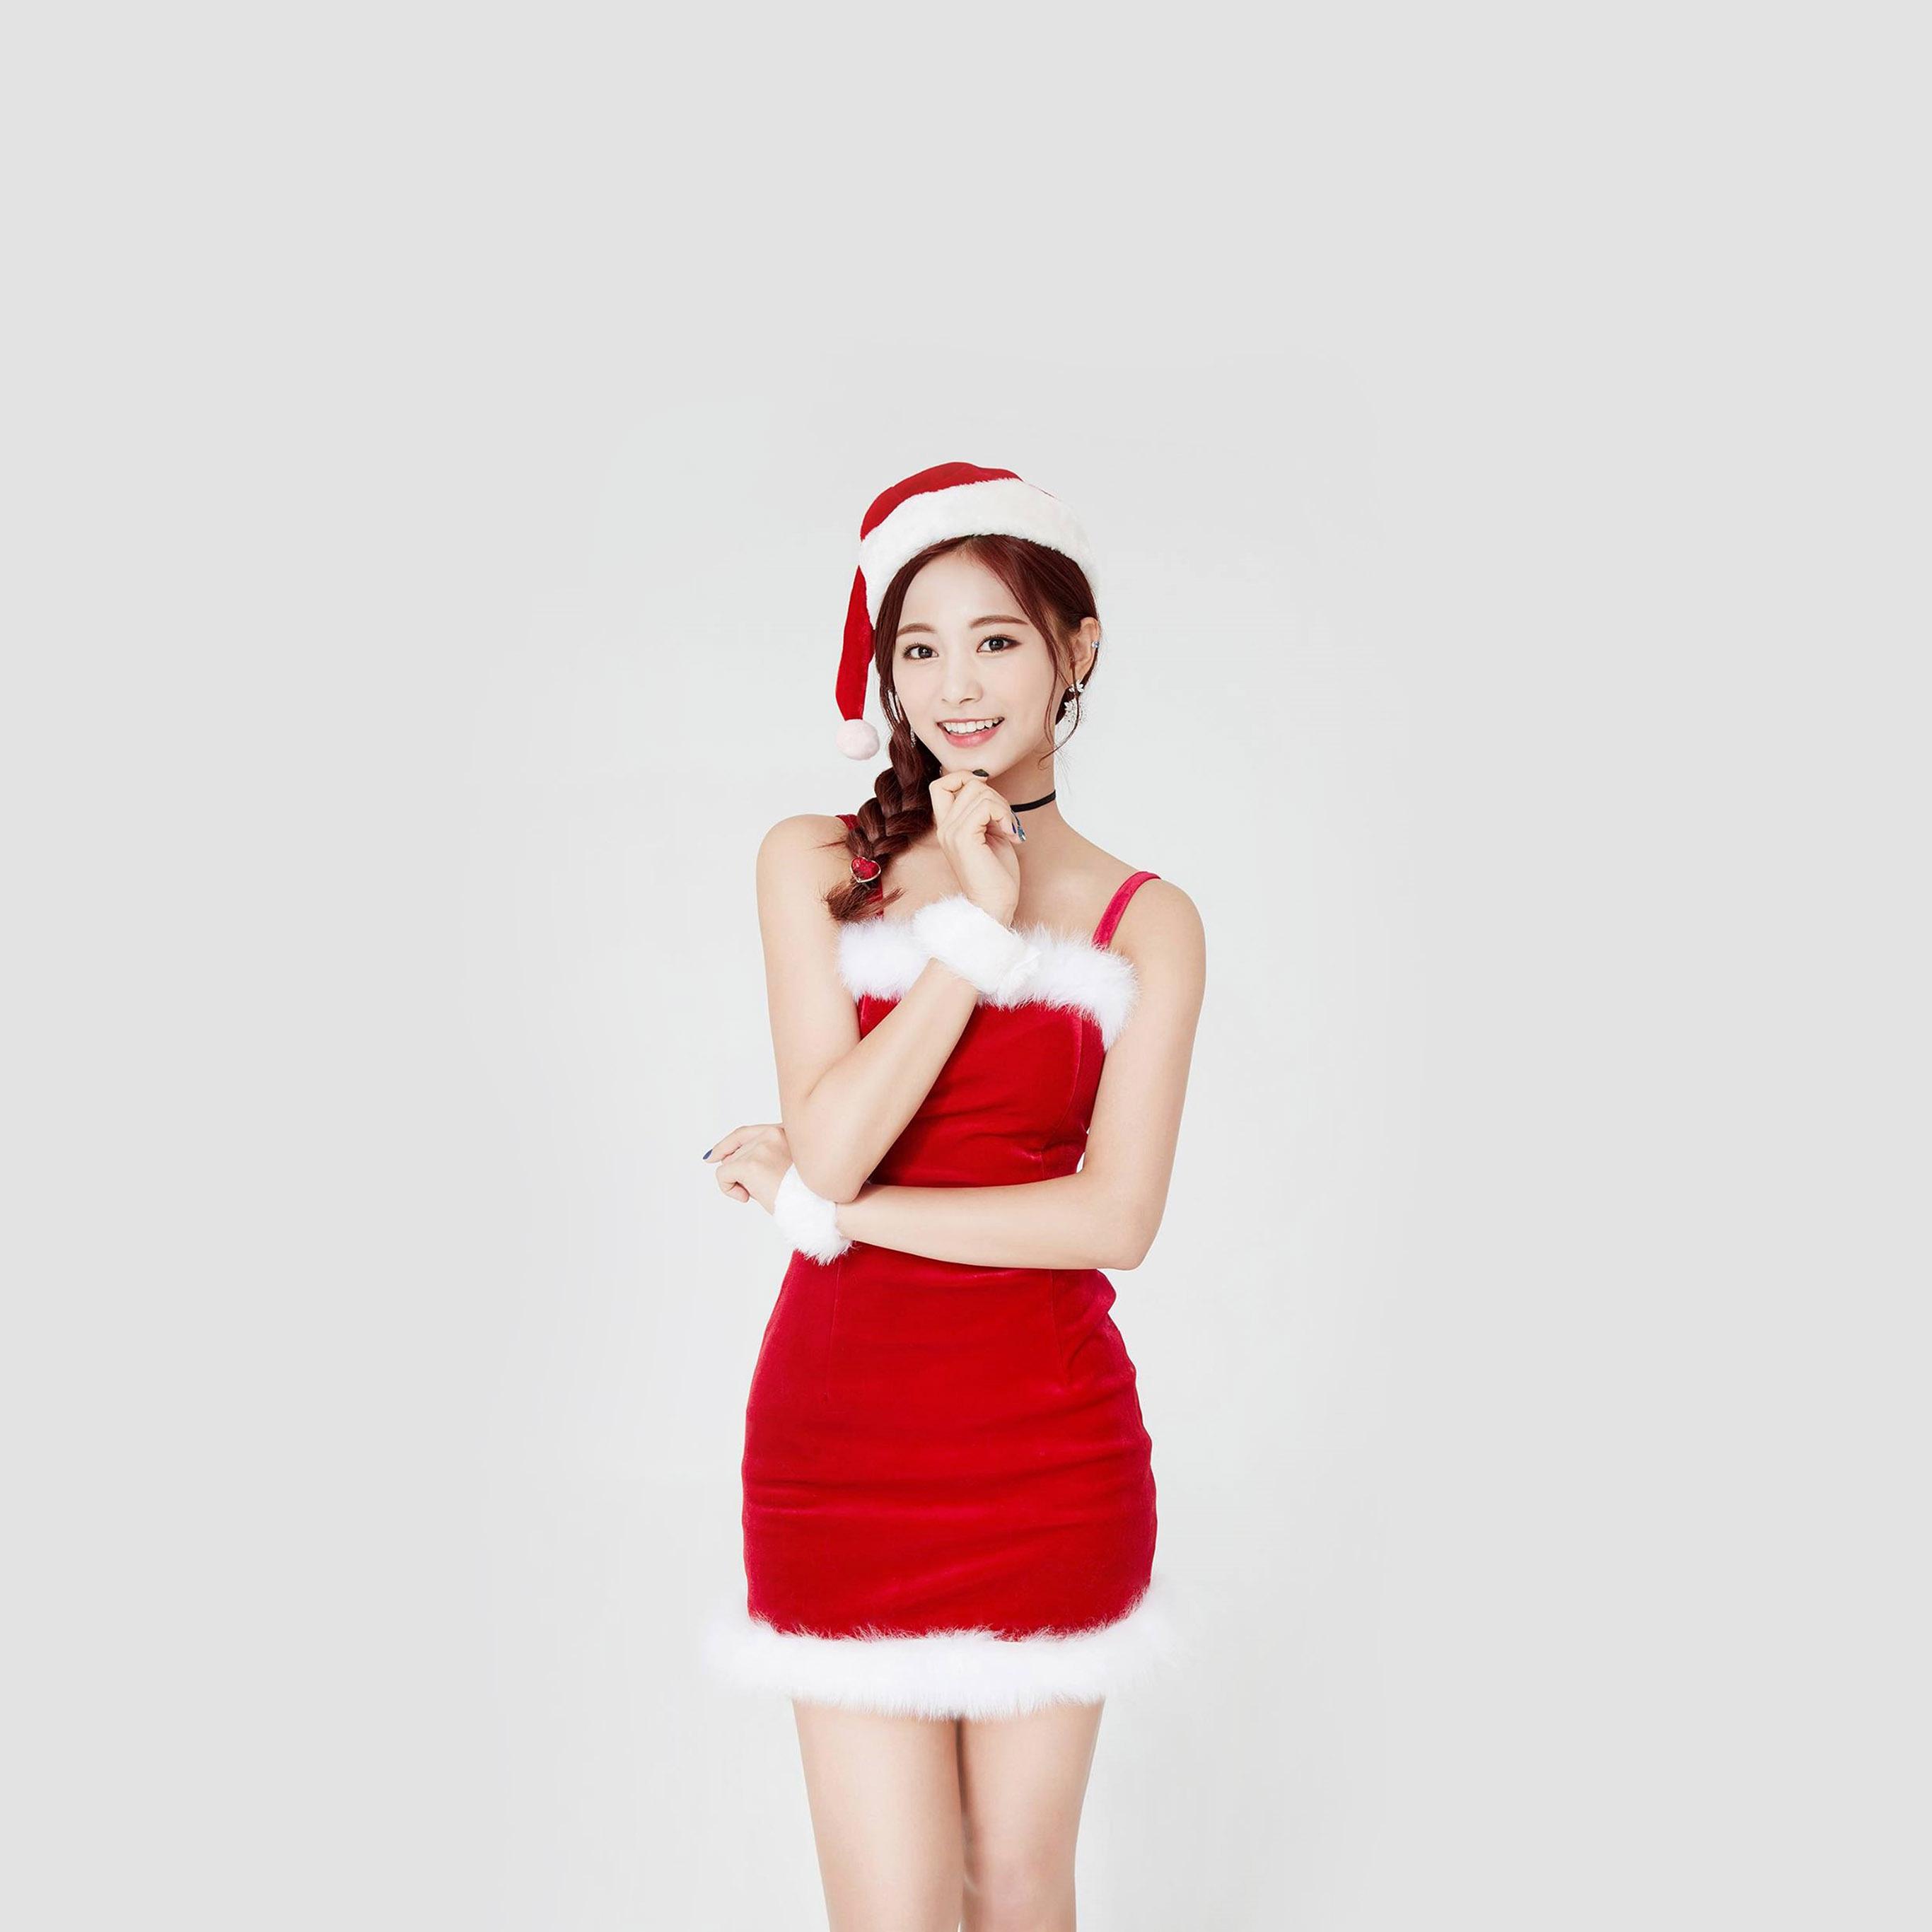 Hp14 Twice Tzuyu Girl Christmas Kpop Wallpaper